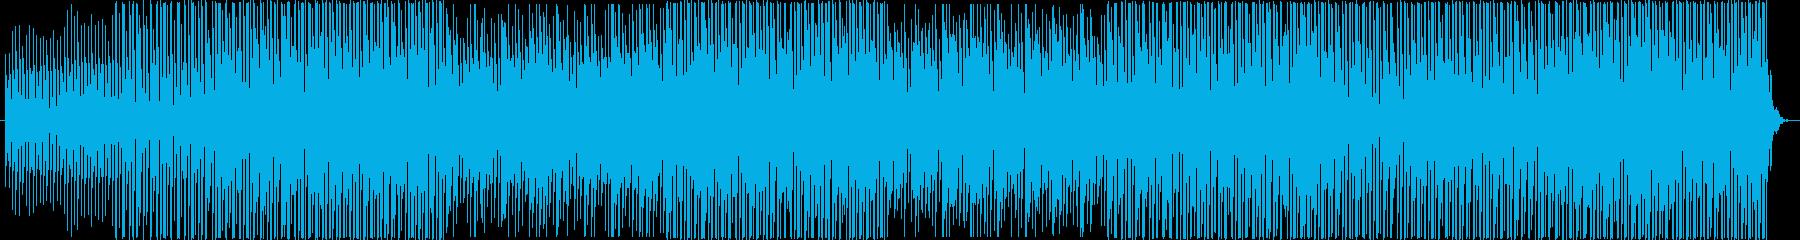 爽快感のあるテクノトラック-企業VP の再生済みの波形